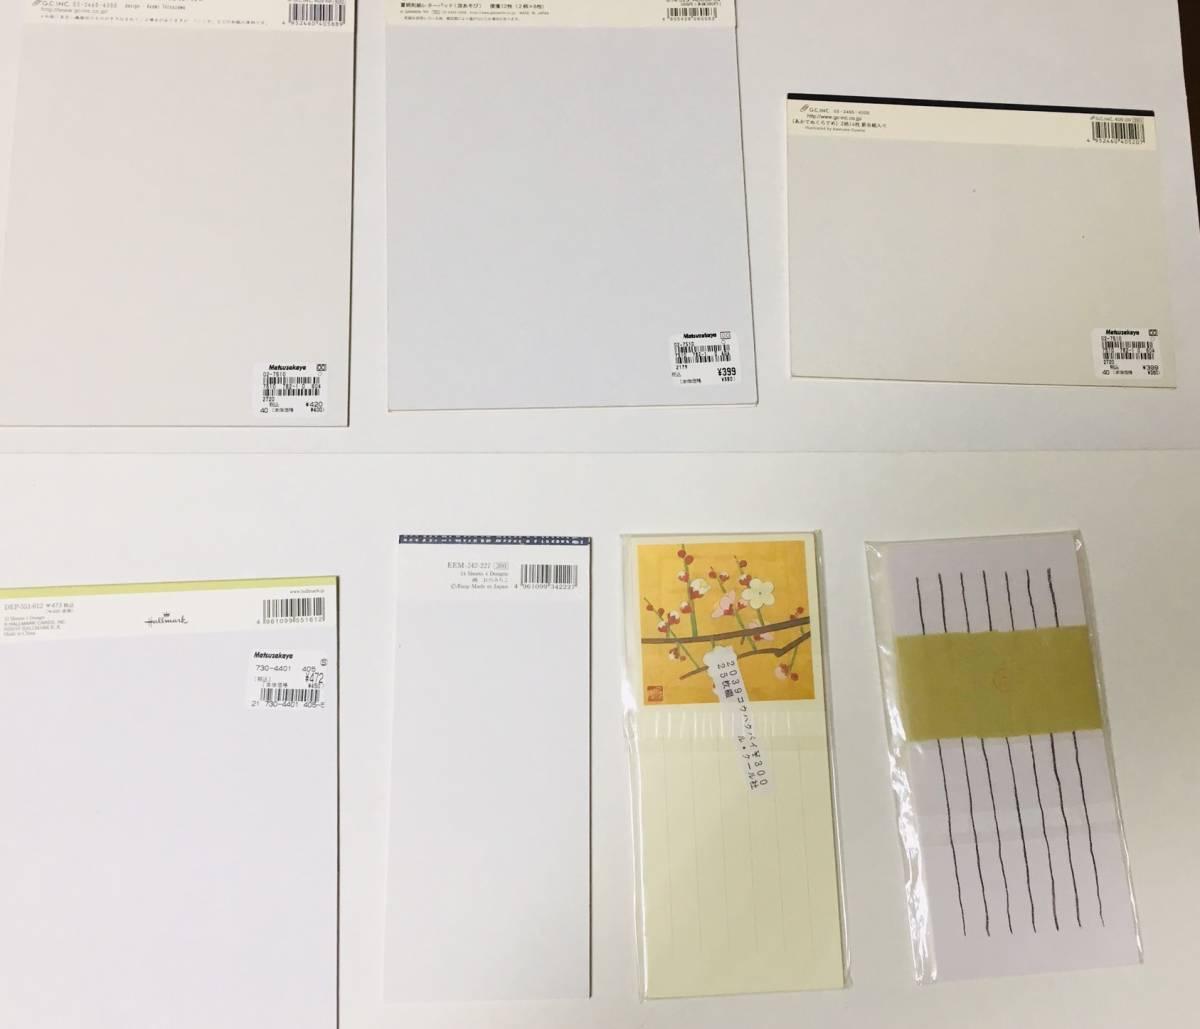 便箋 一筆箋 封筒 まとめて7種 ★ 使いかけと新品、混ざってます_画像2